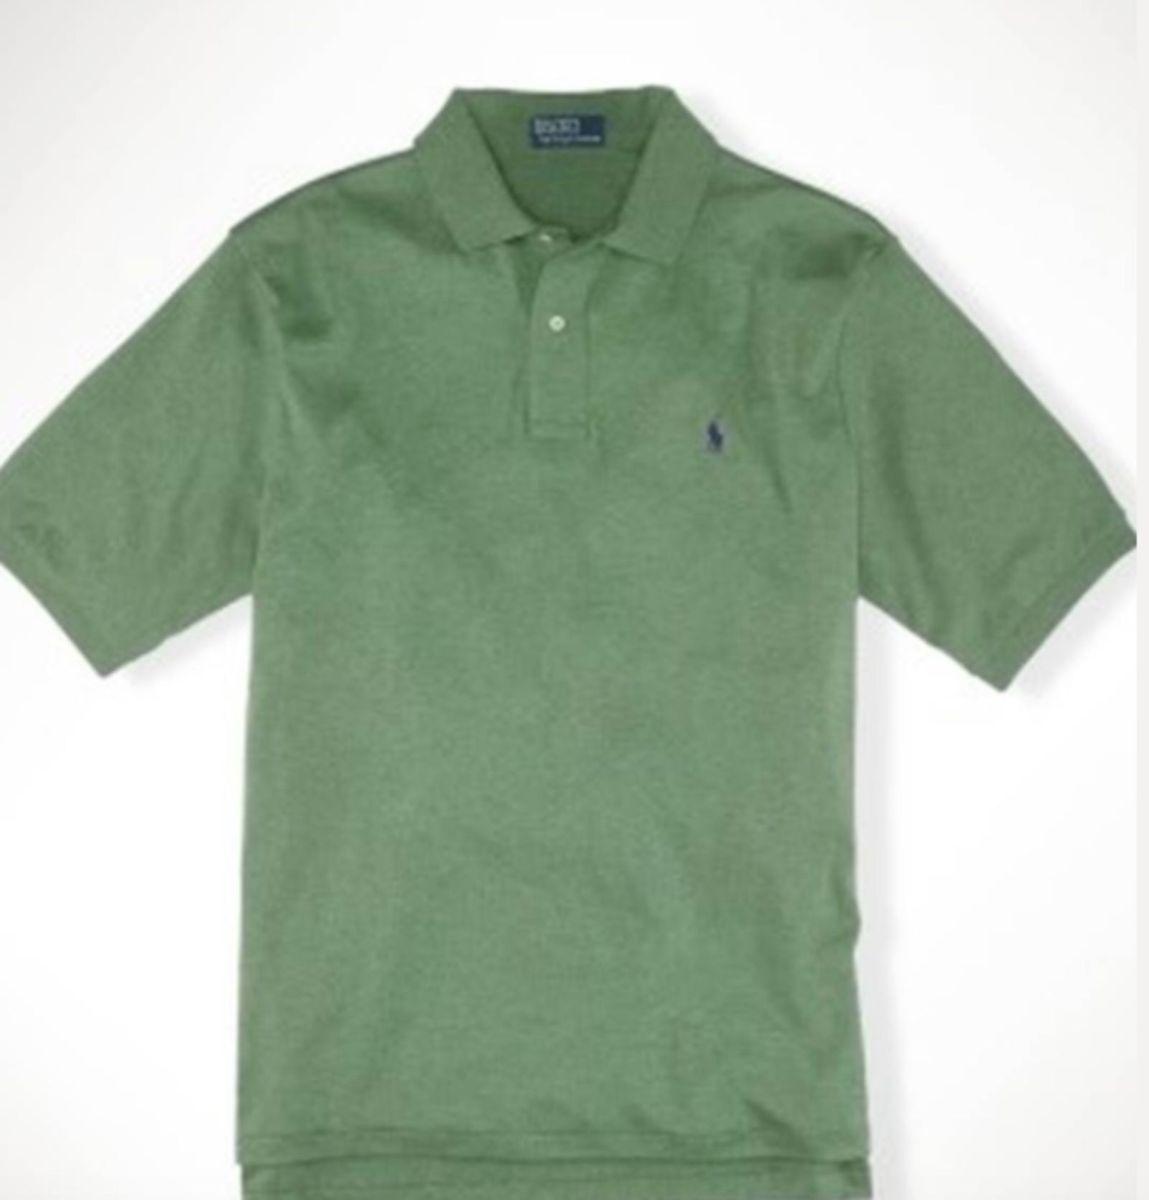 b5d1feedc Polo Ralph Lauren Original | Camisa Masculina Polo Ralph Lauren ...